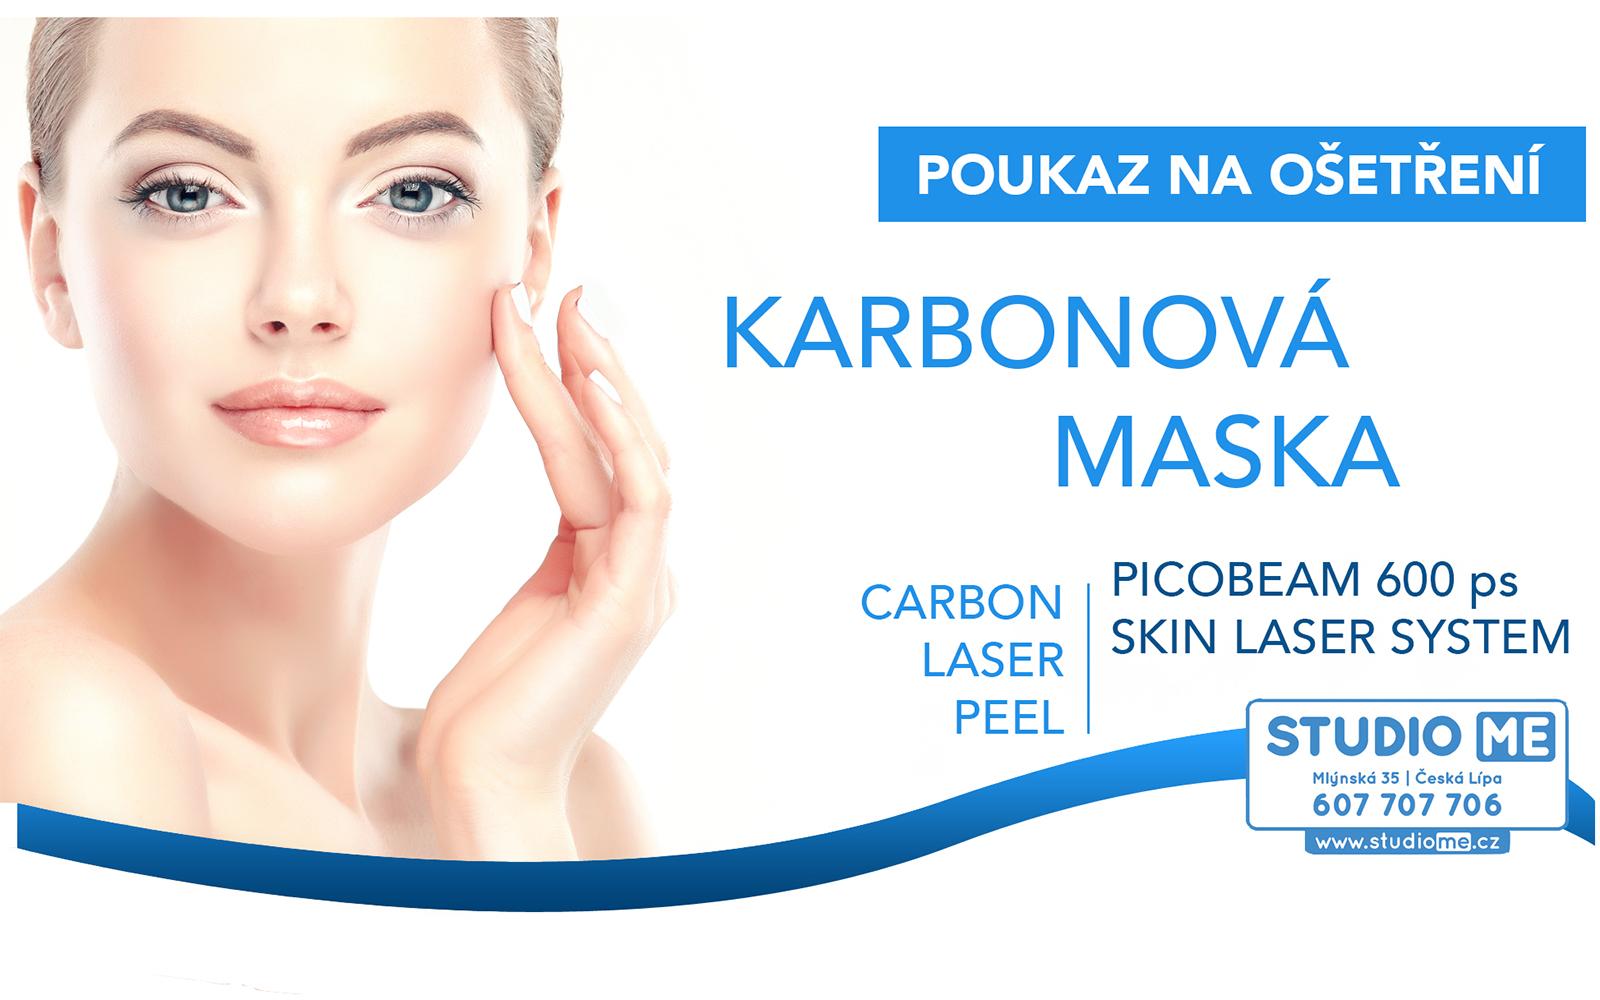 Dárkový poukaz - Karbonová maska